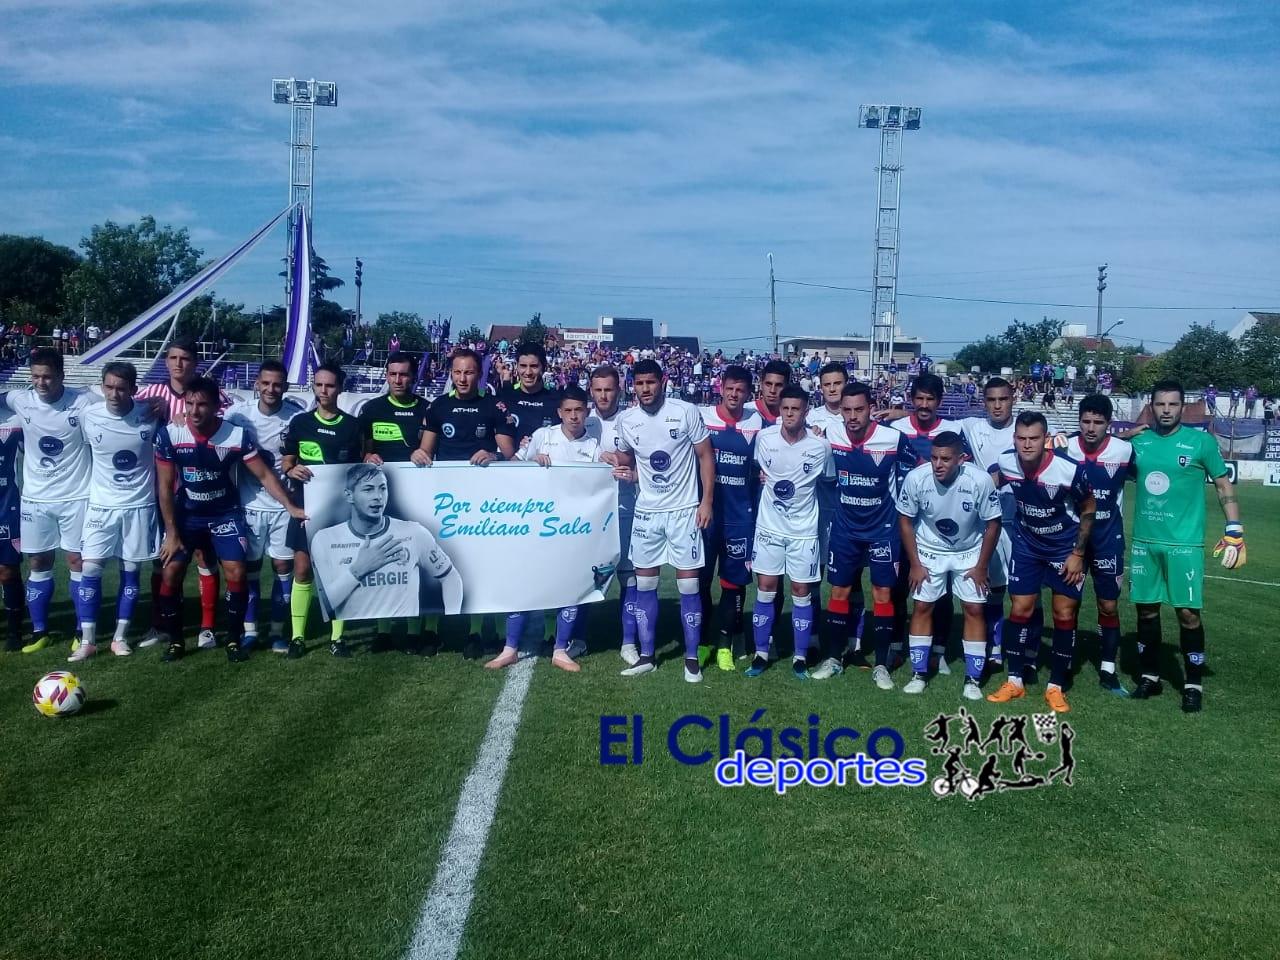 B Nacional: Comenzó a jugarse la 15° fecha. Triunfo de Villa Dálmine